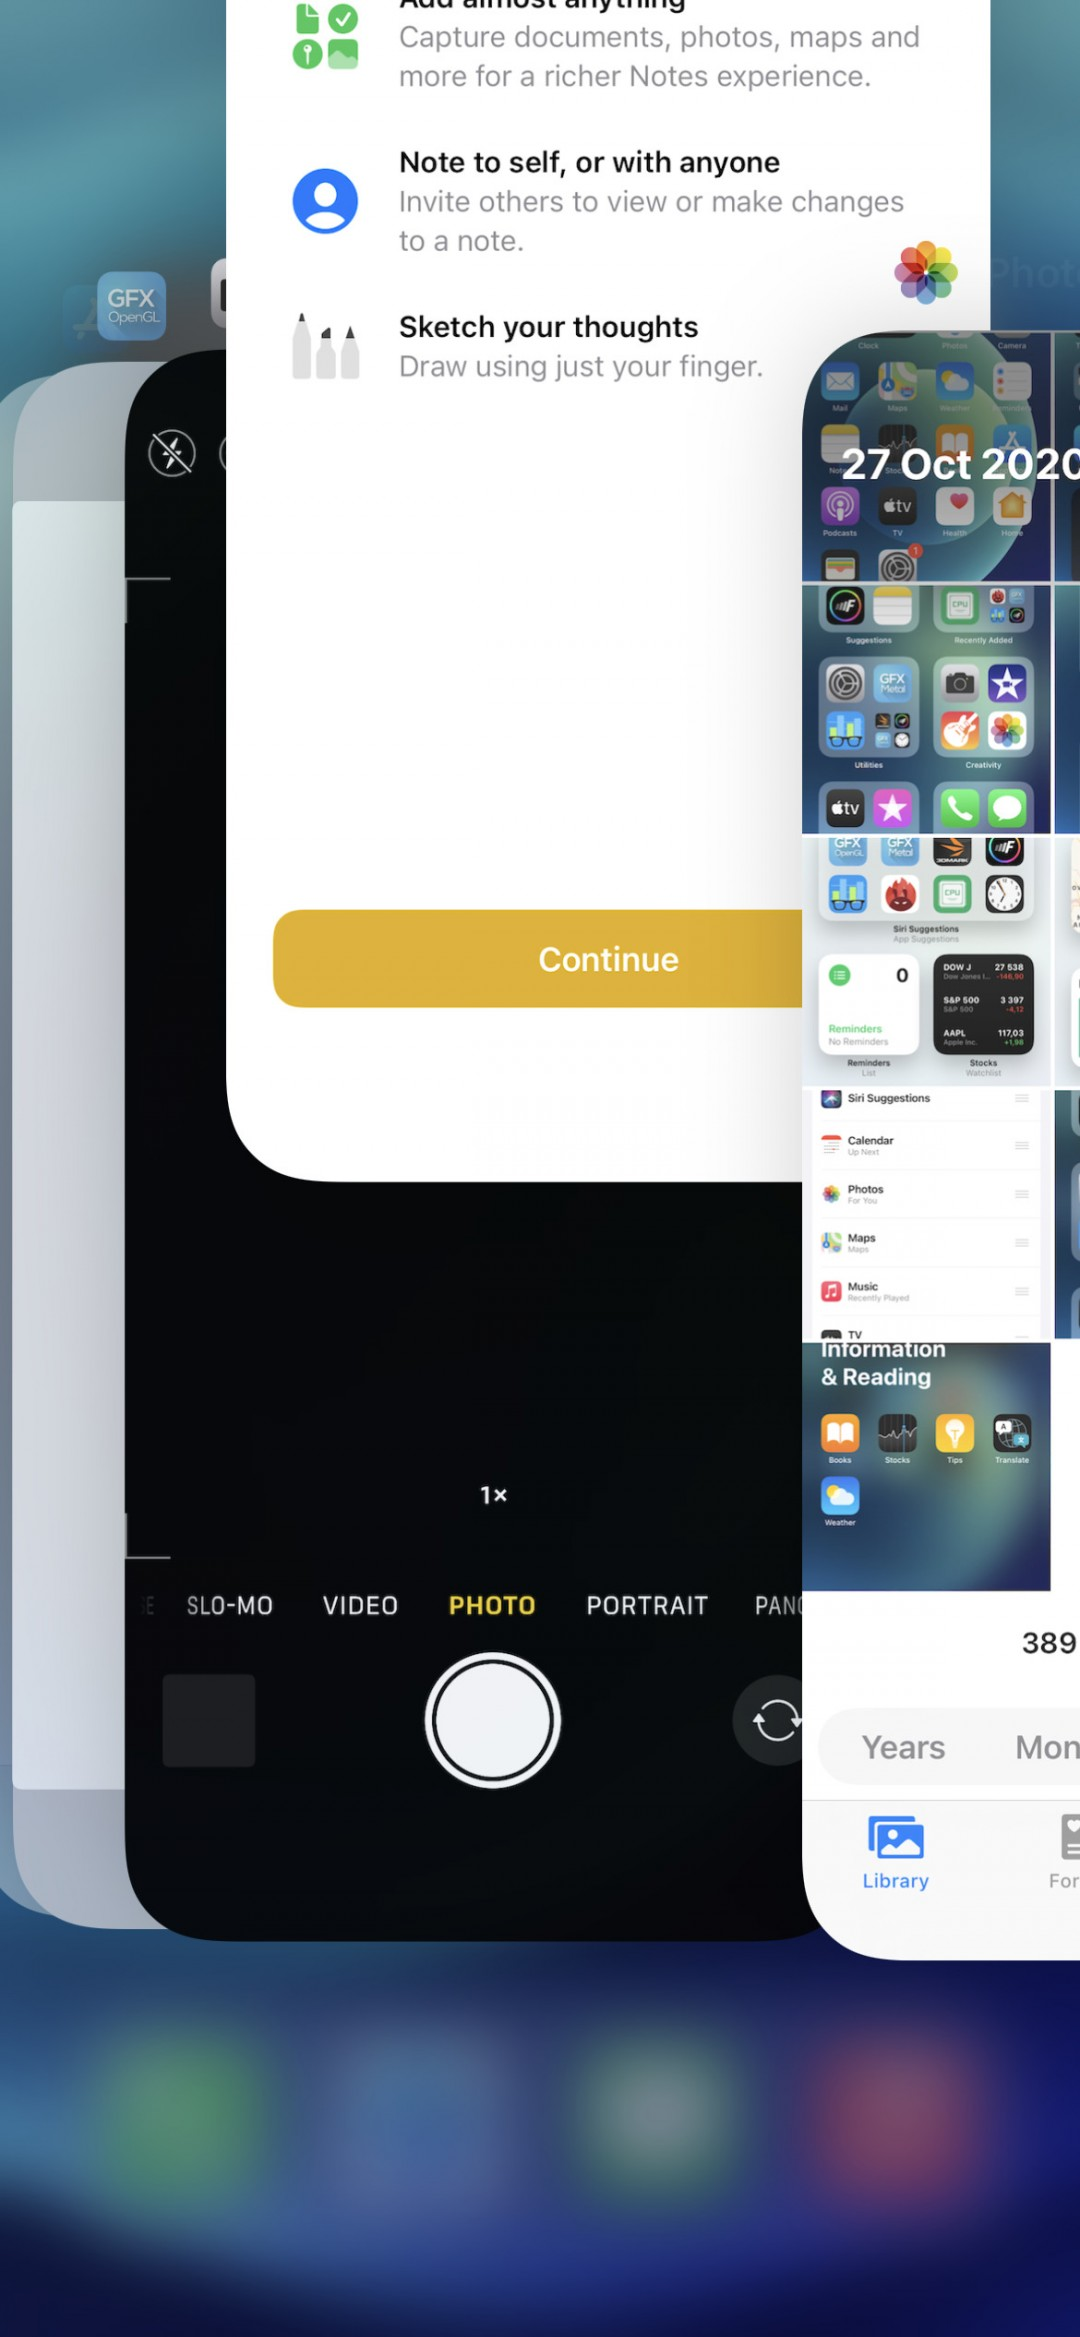 بررسی کامل و تخصصی آیفون 12 اپل: پیش به سمت چند میلیاردی شدن